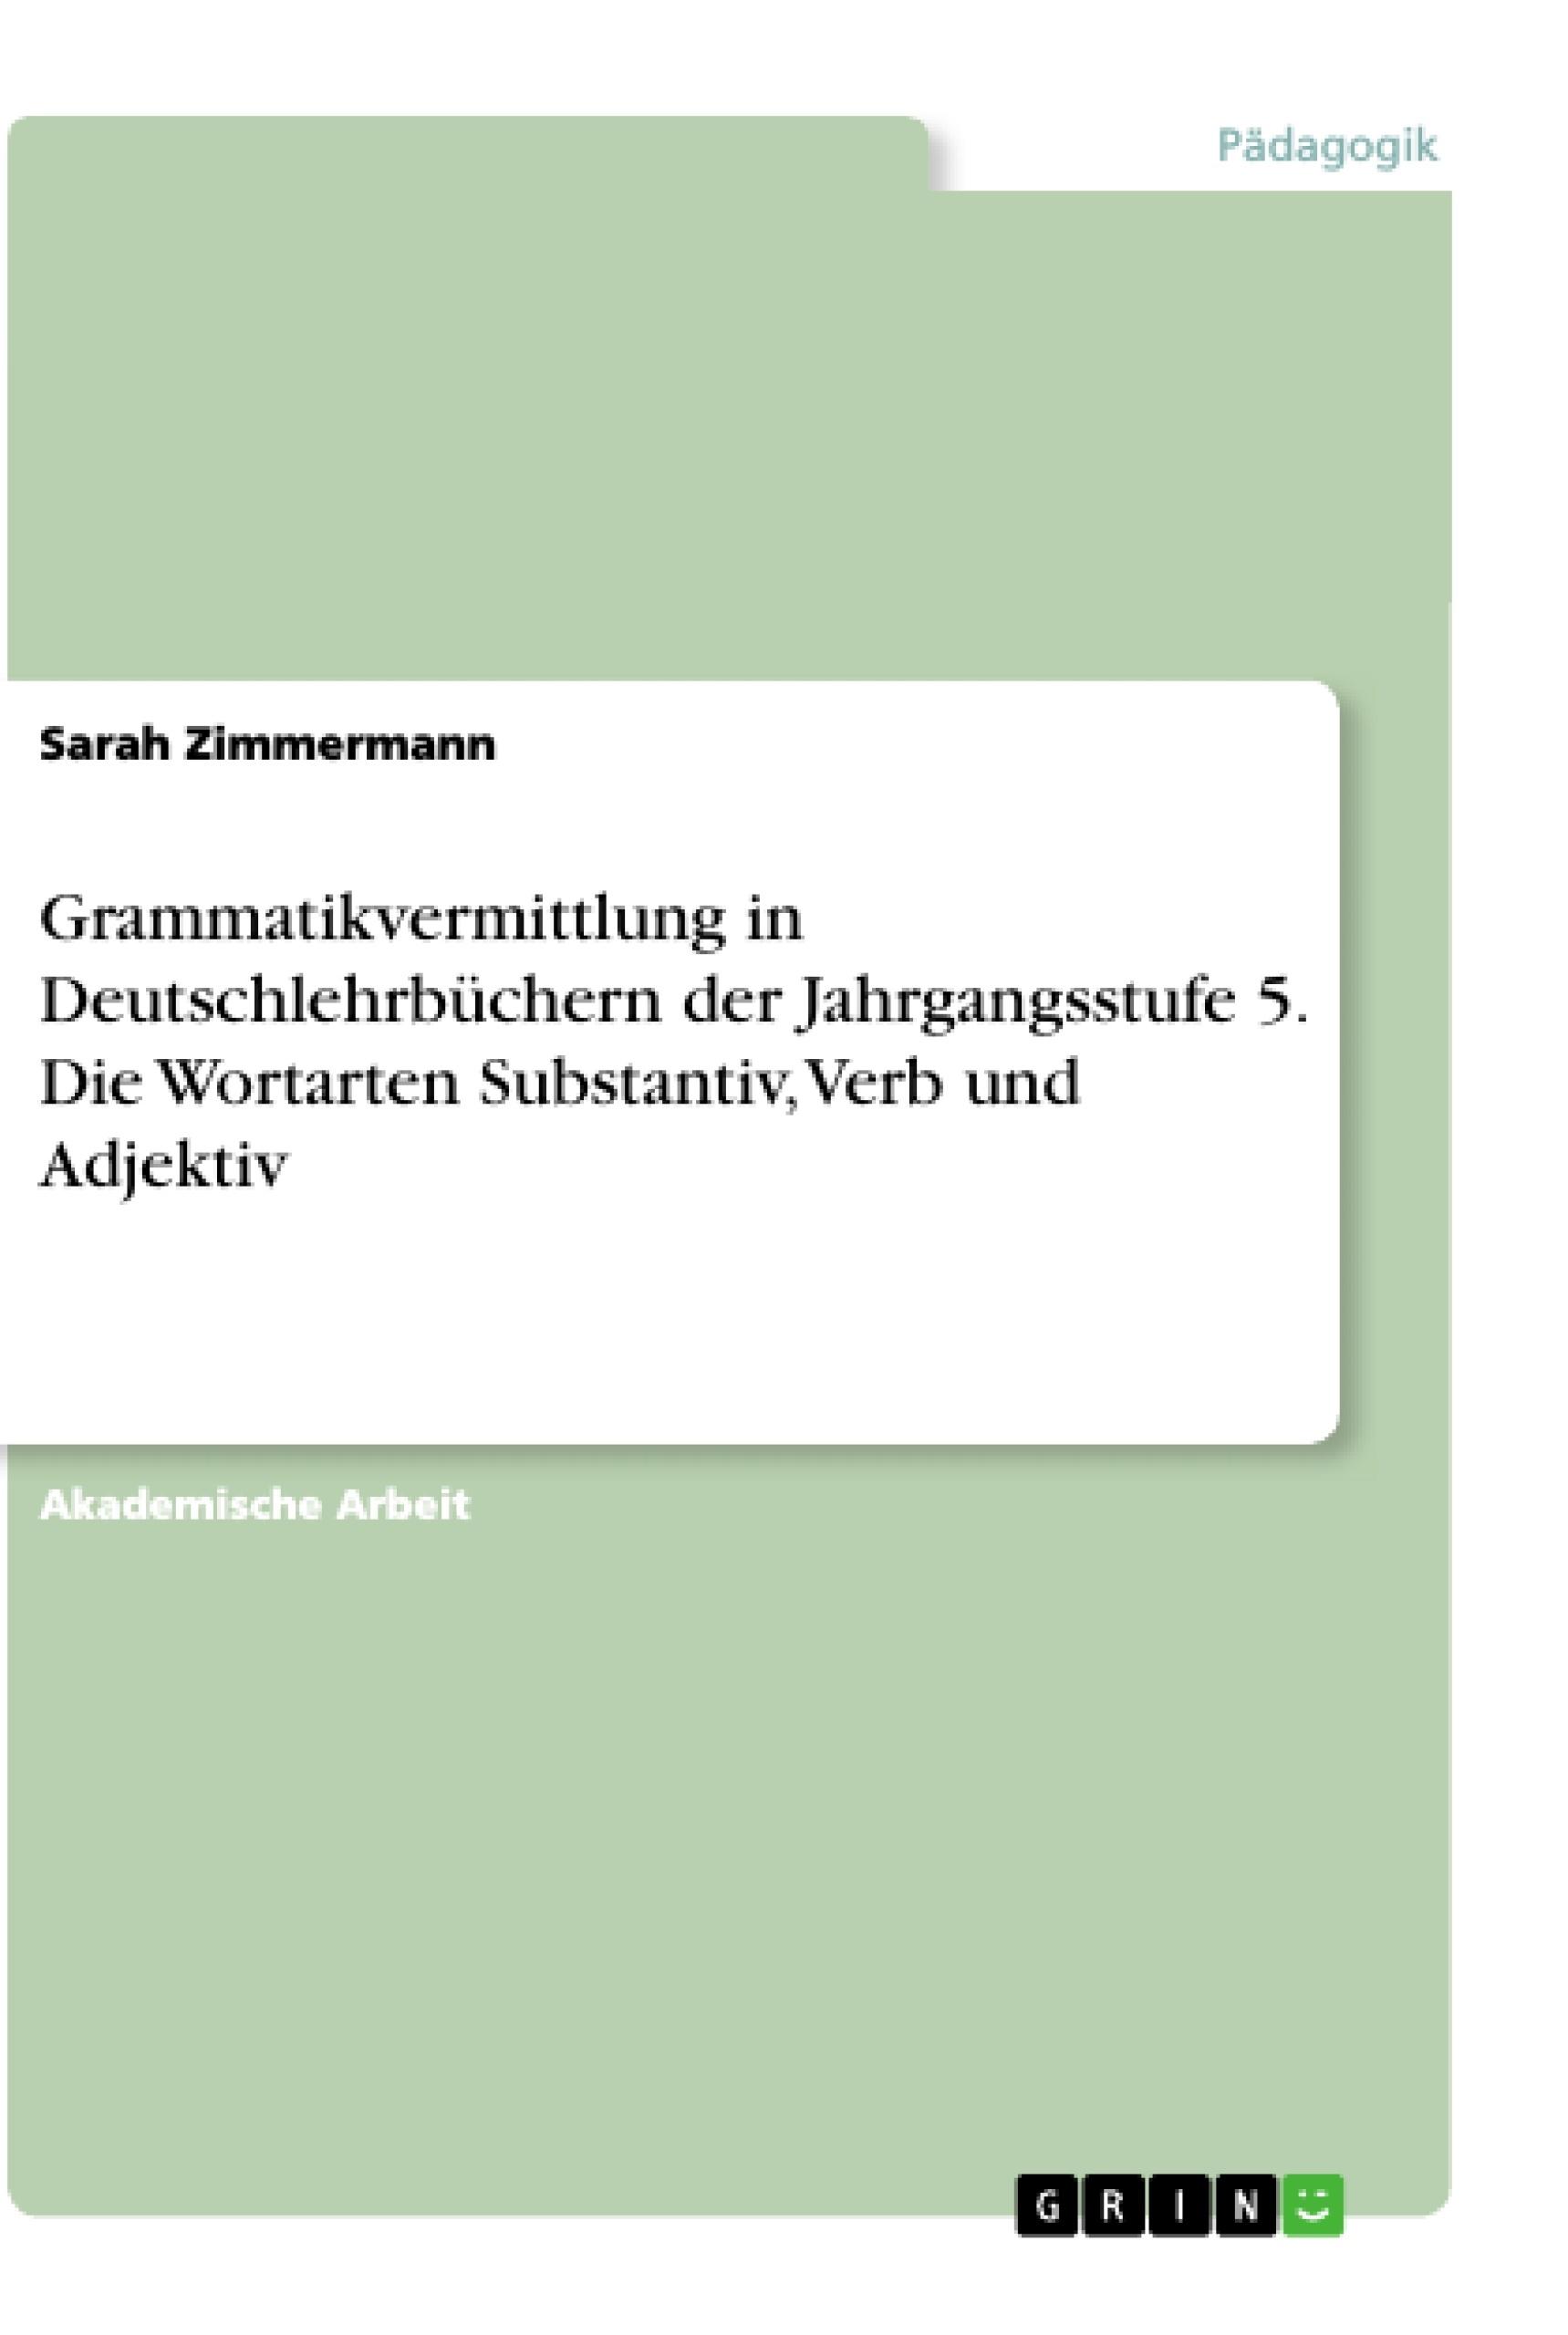 Titel: Grammatikvermittlung in Deutschlehrbüchern der Jahrgangsstufe 5. Die Wortarten Substantiv, Verb und Adjektiv